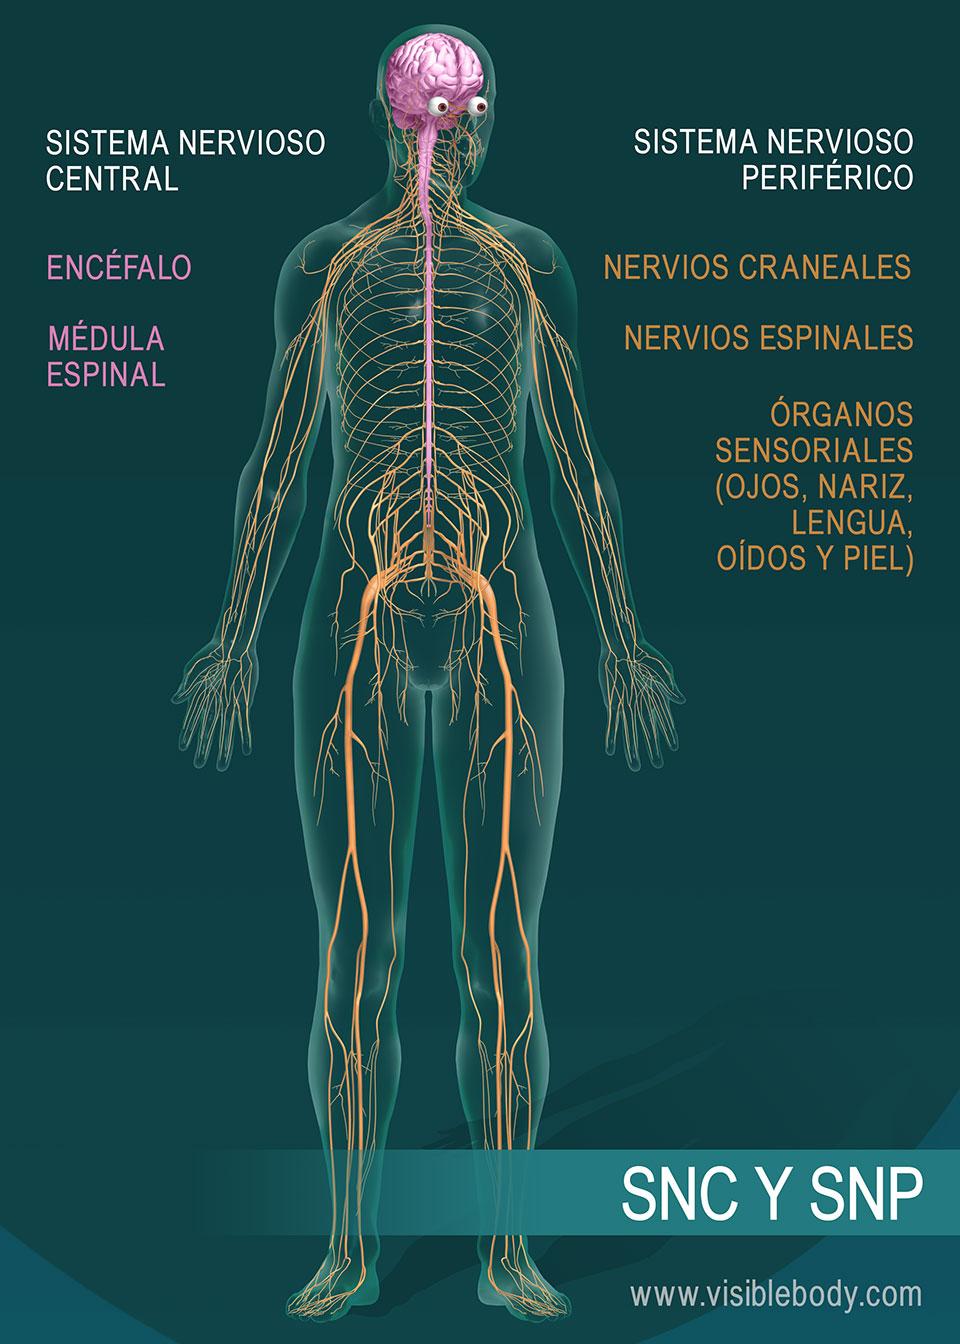 Reseña General Sobre El Sistema Nervioso